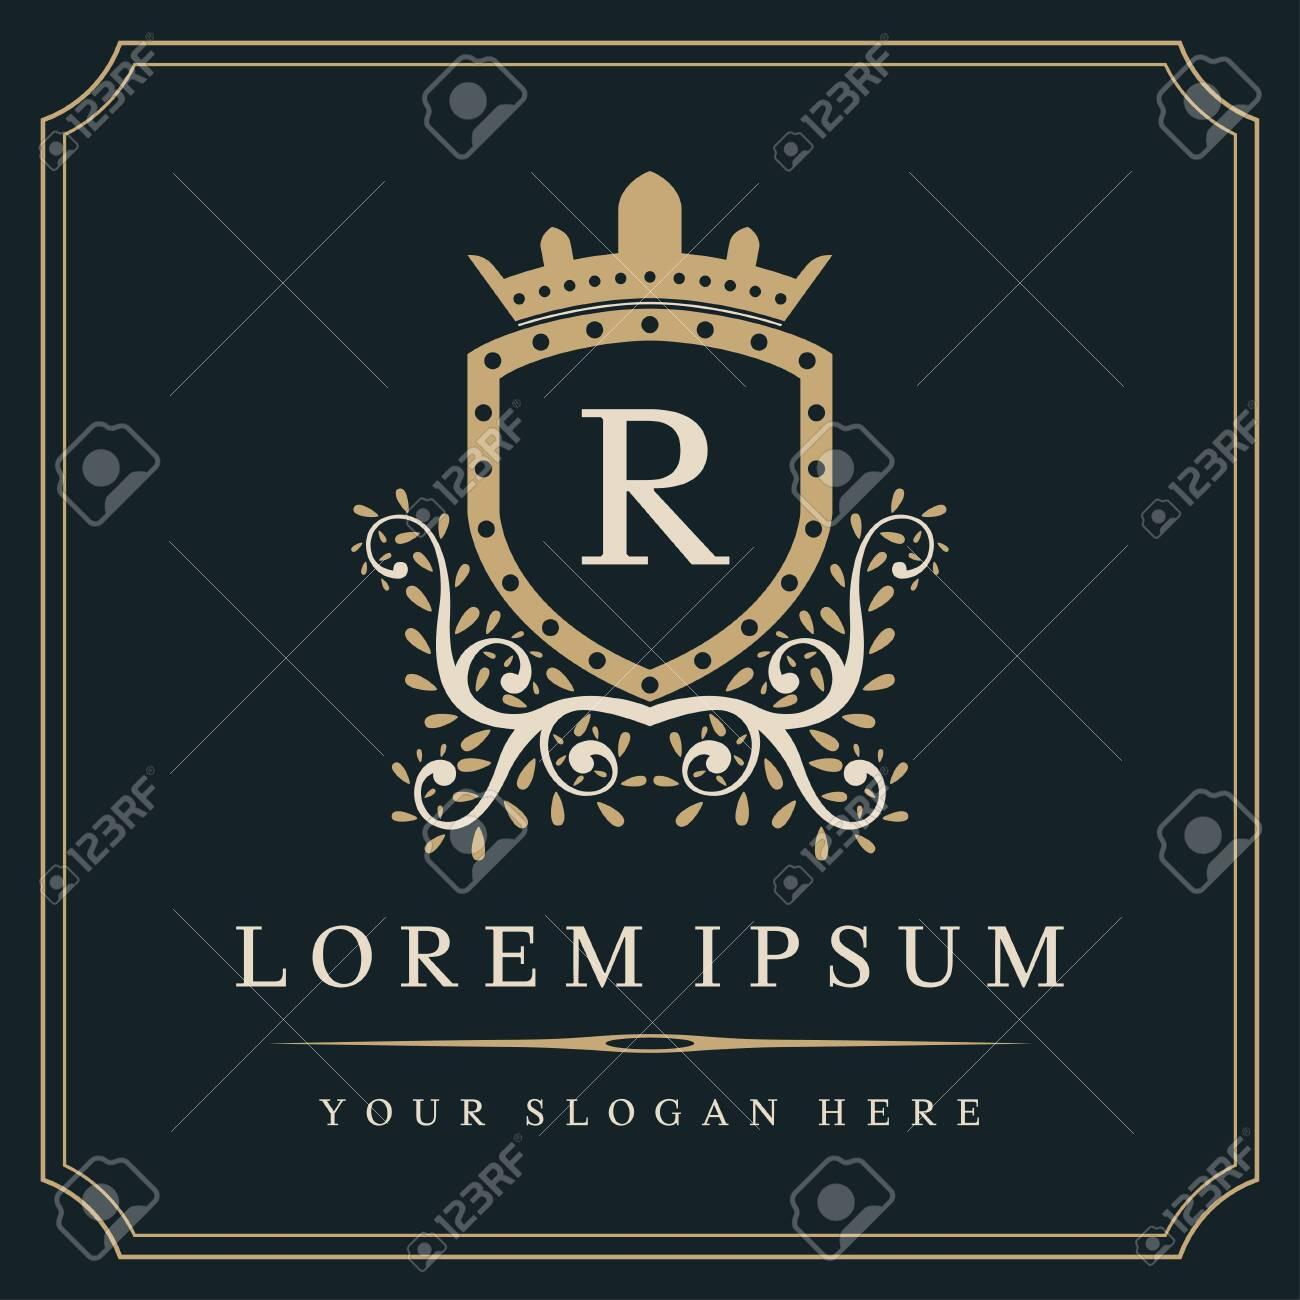 Luxury monogram logo template, letter R logo design, vector illustration - 141118522